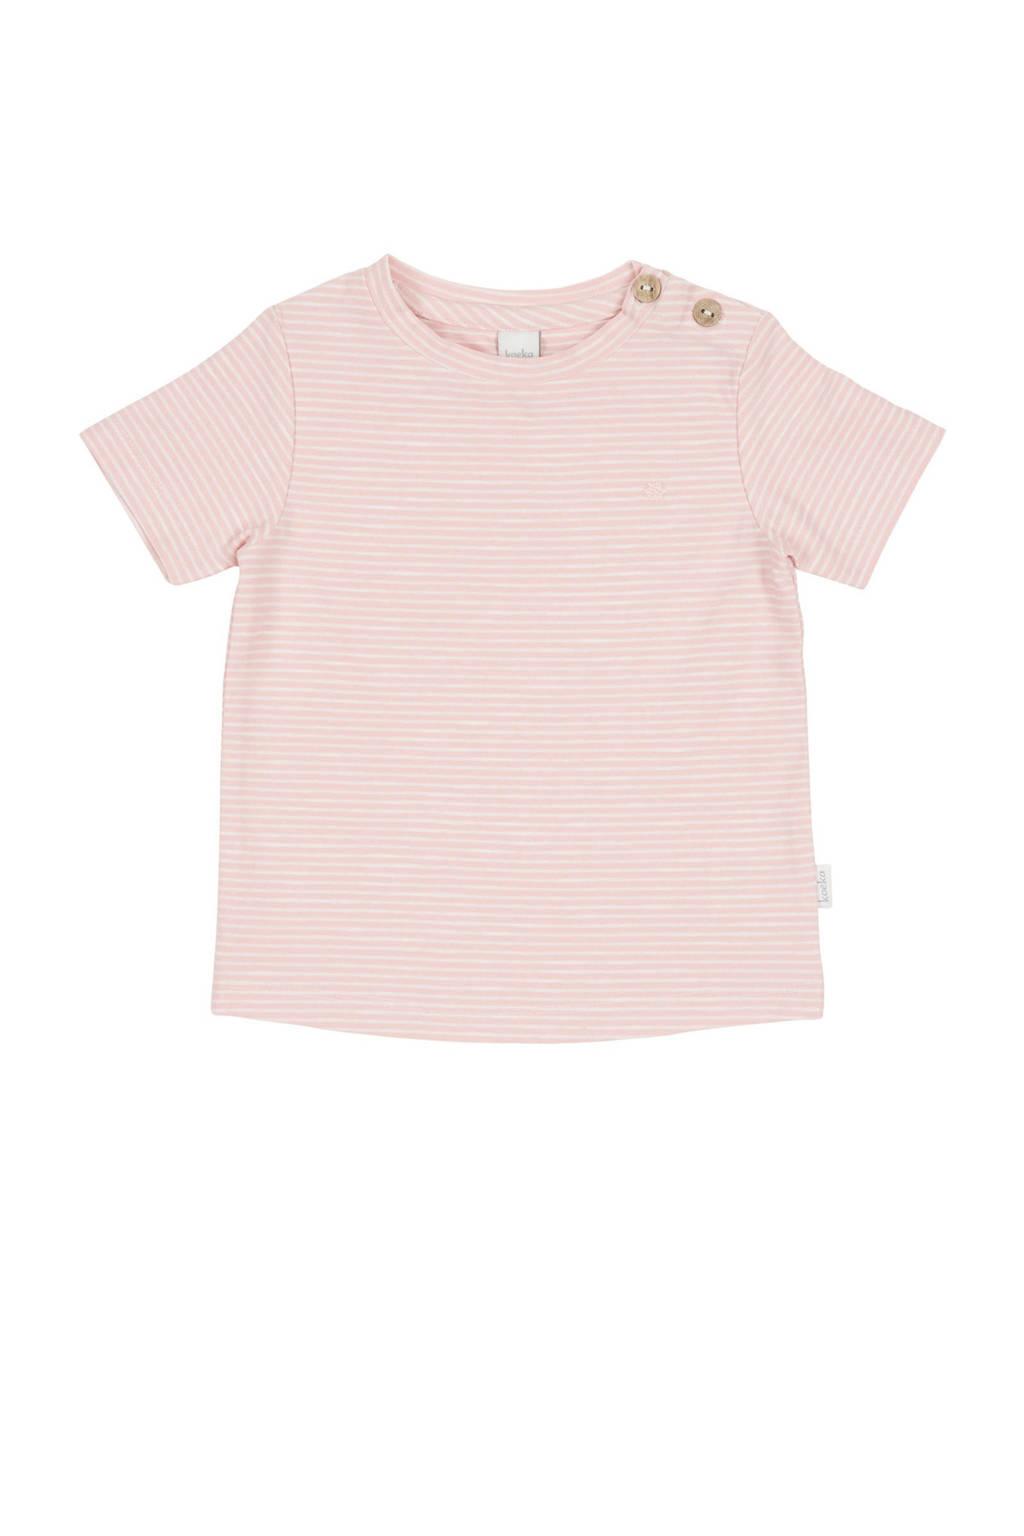 Koeka newborn baby gestreept T-shirt Linescape roze, Roze/wit